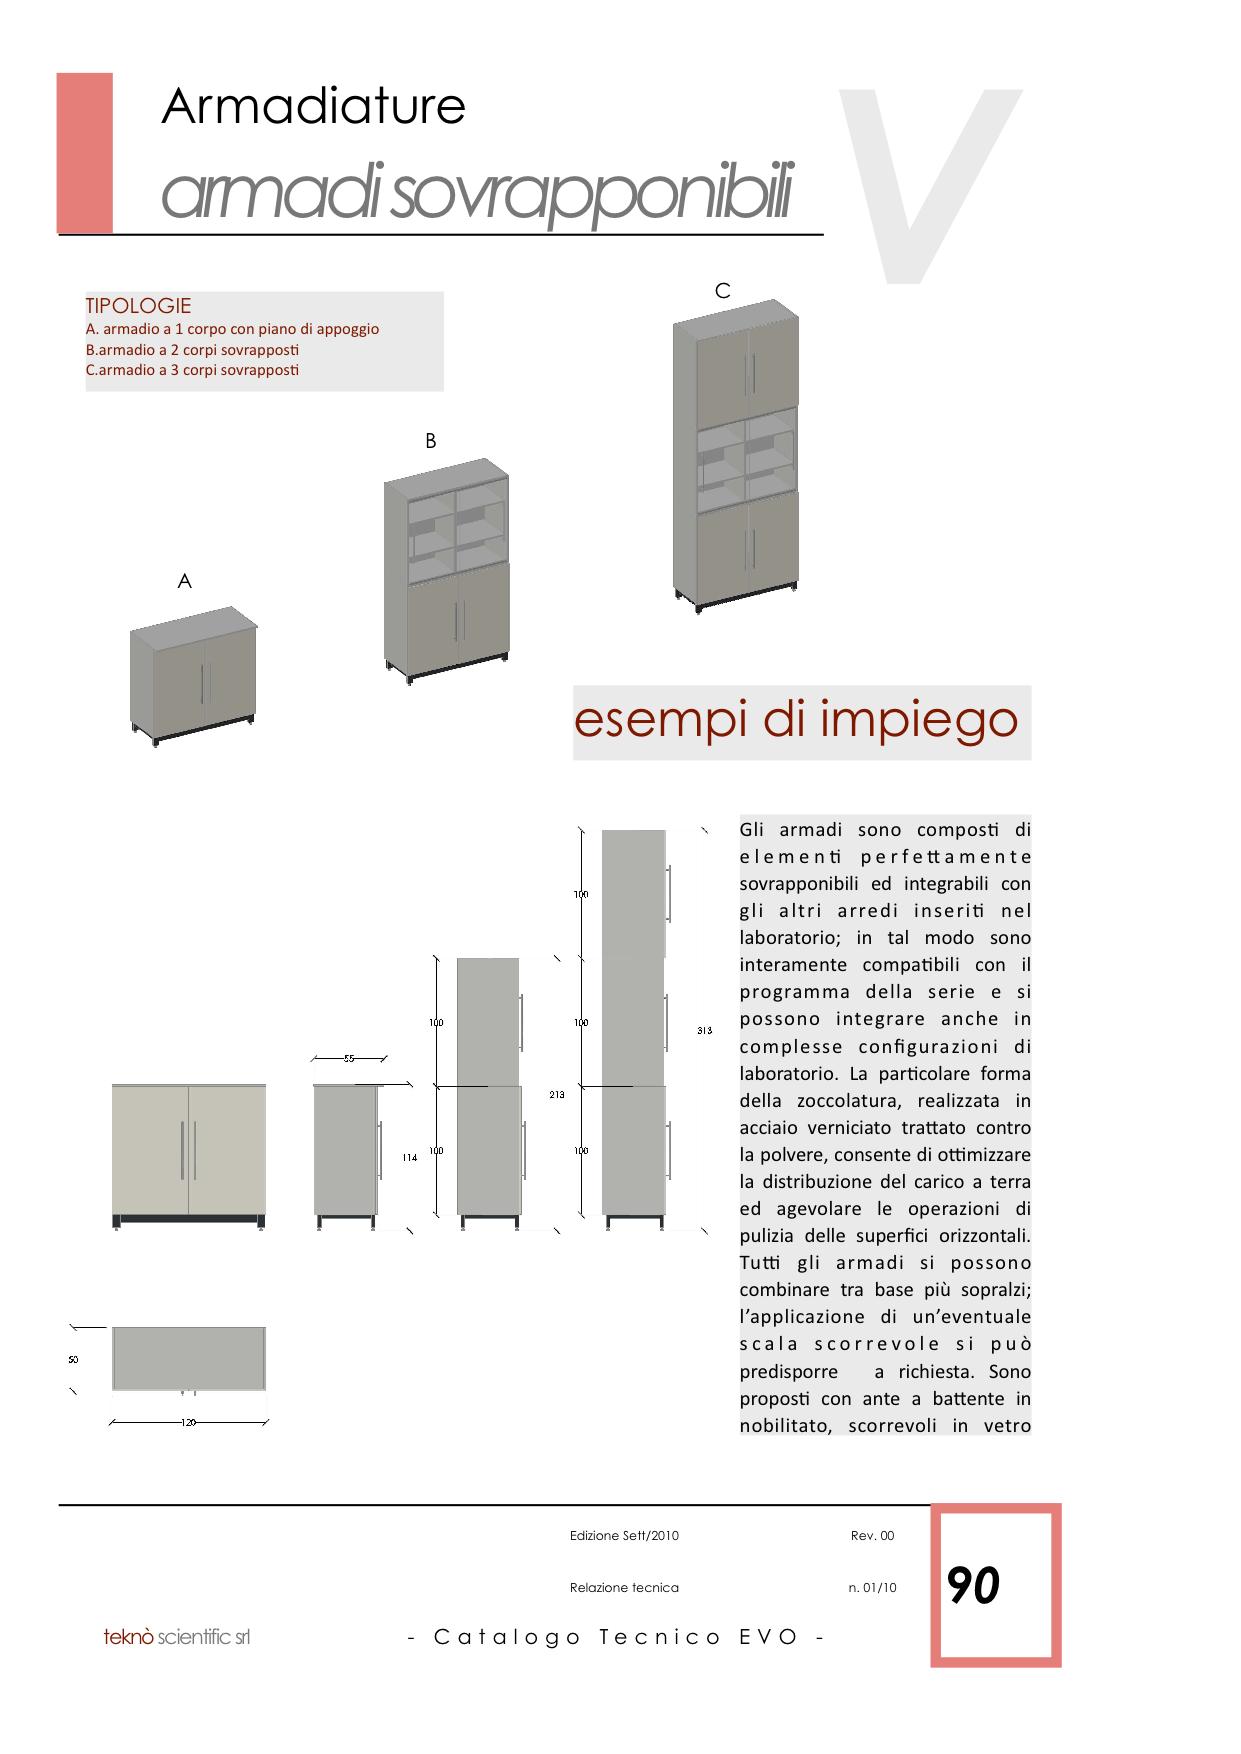 EVO Catalogo Tecnico Generale copia 90.png